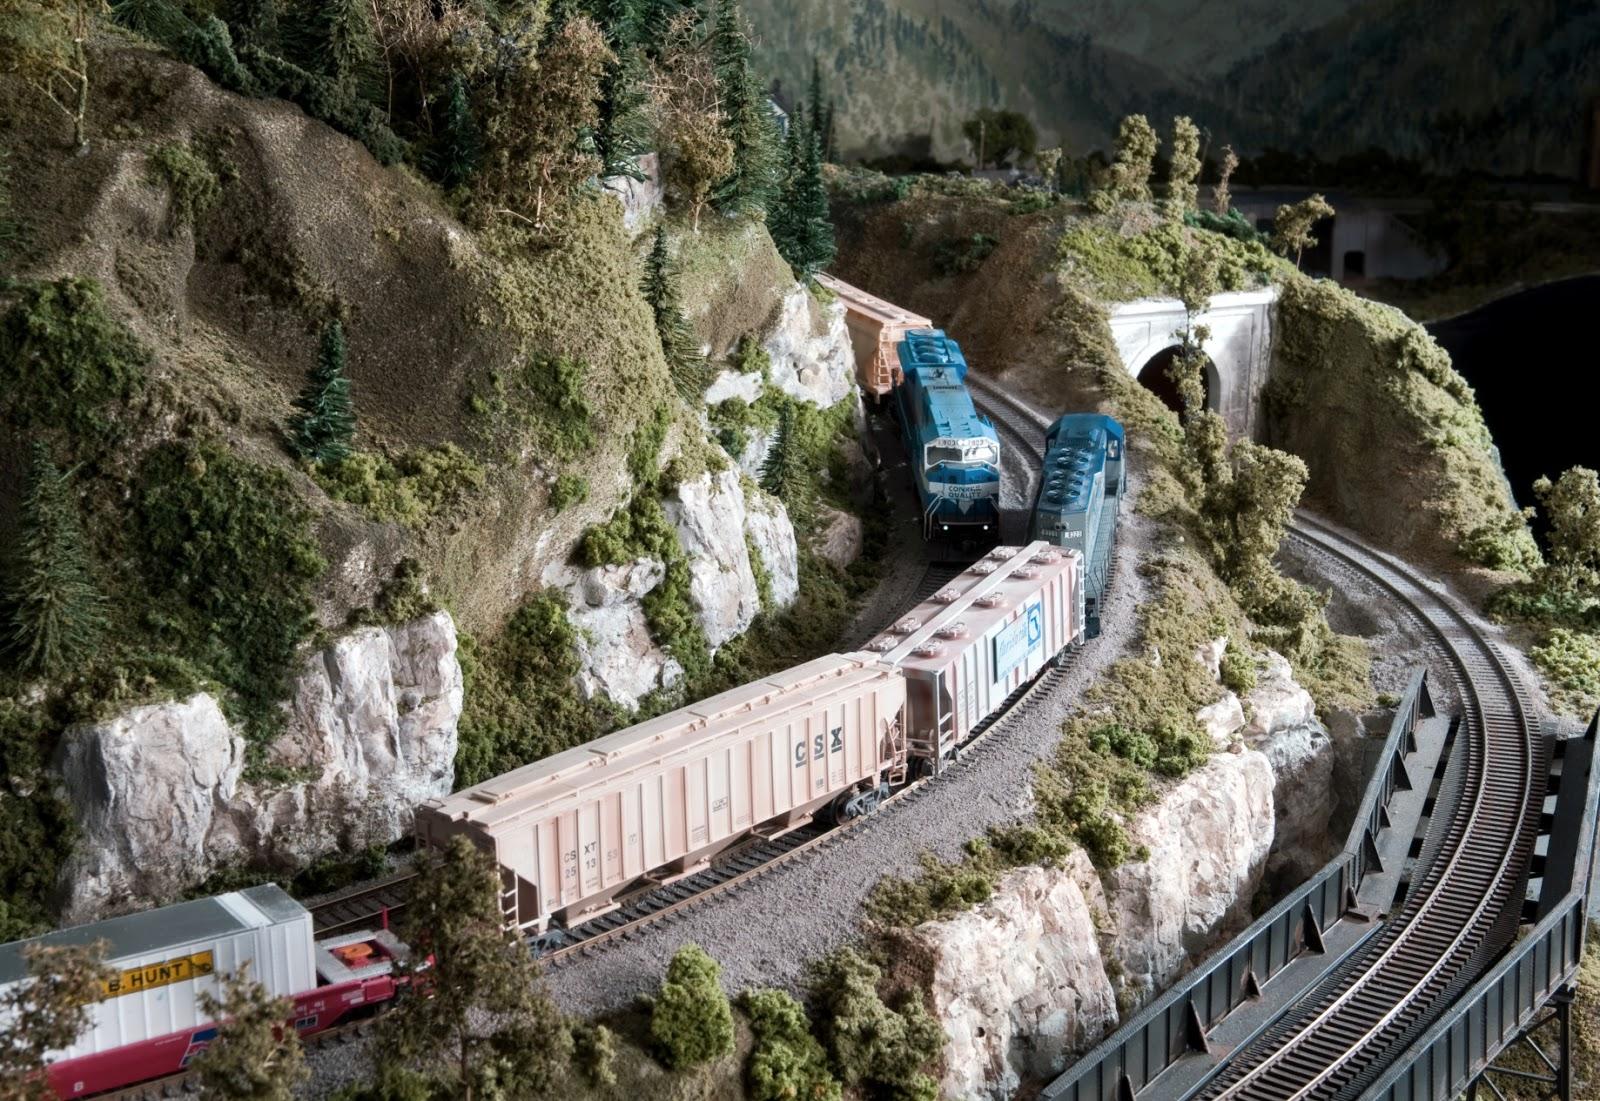 Model train track gauges